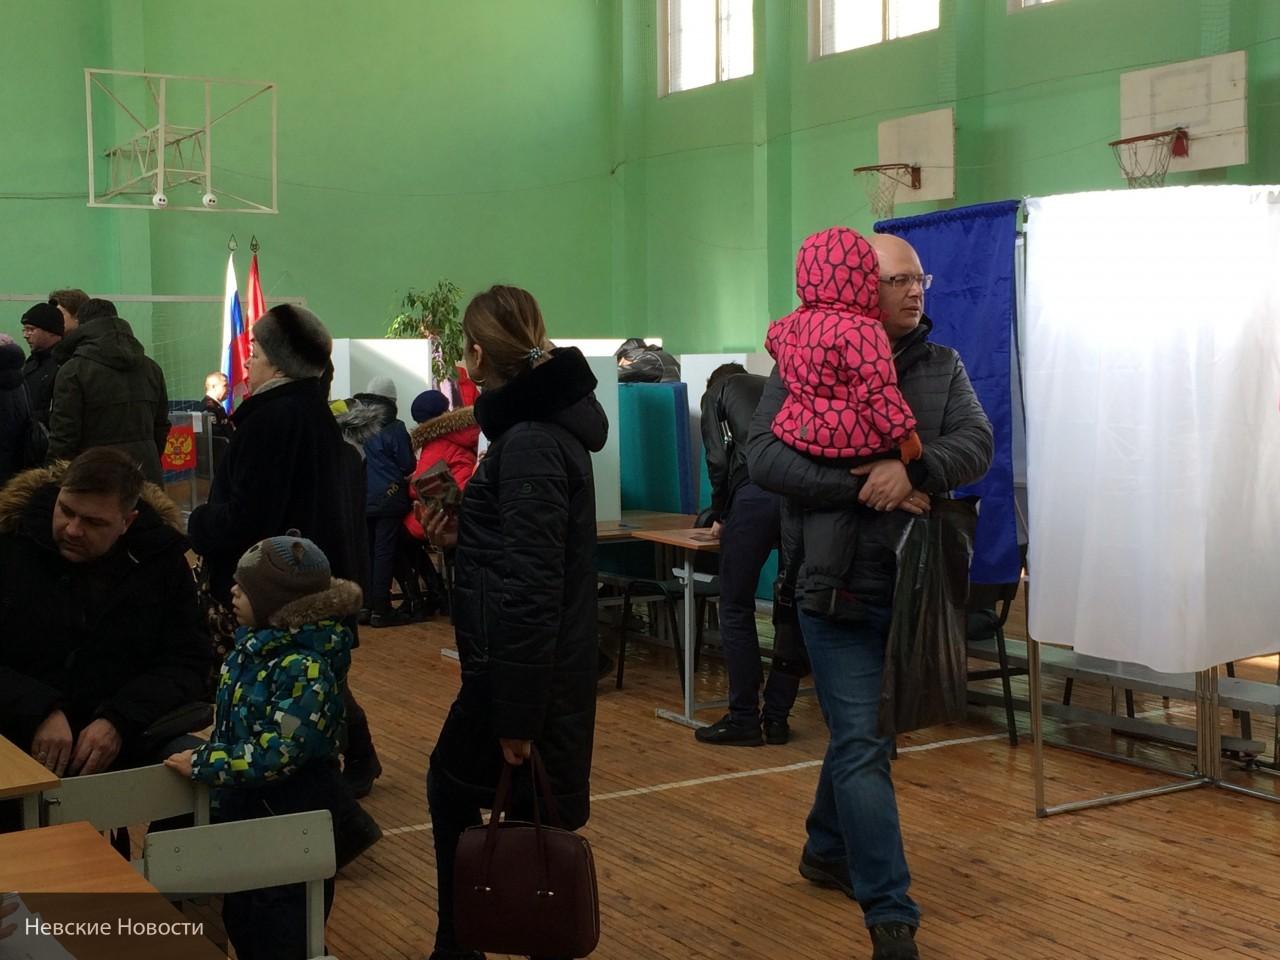 Явка избирателей на выборах президента в Крыму за первые 4 часа превысила 32%